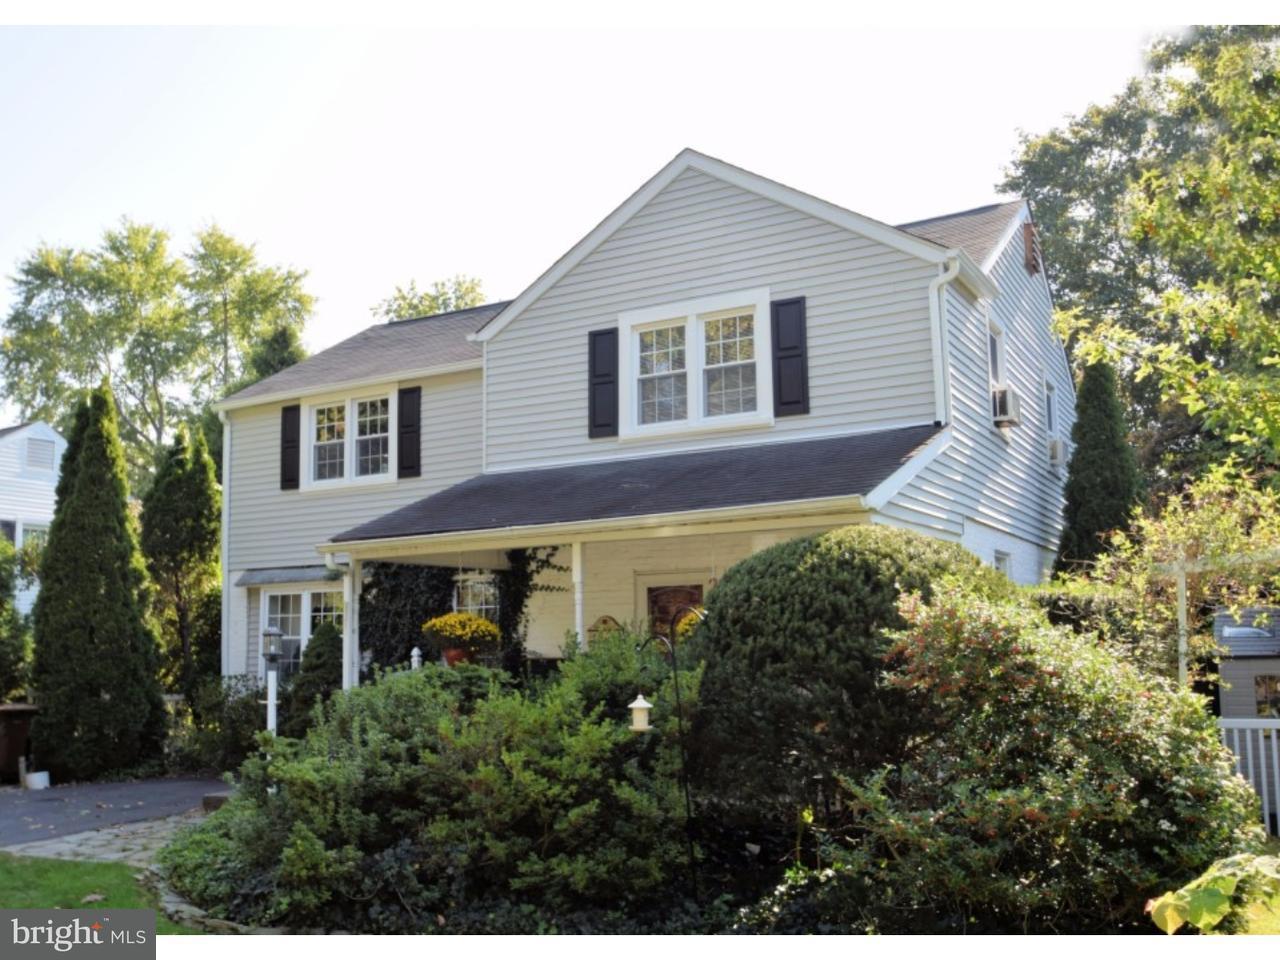 独户住宅 为 销售 在 324 TWINING Road Oreland, 宾夕法尼亚州 19075 美国